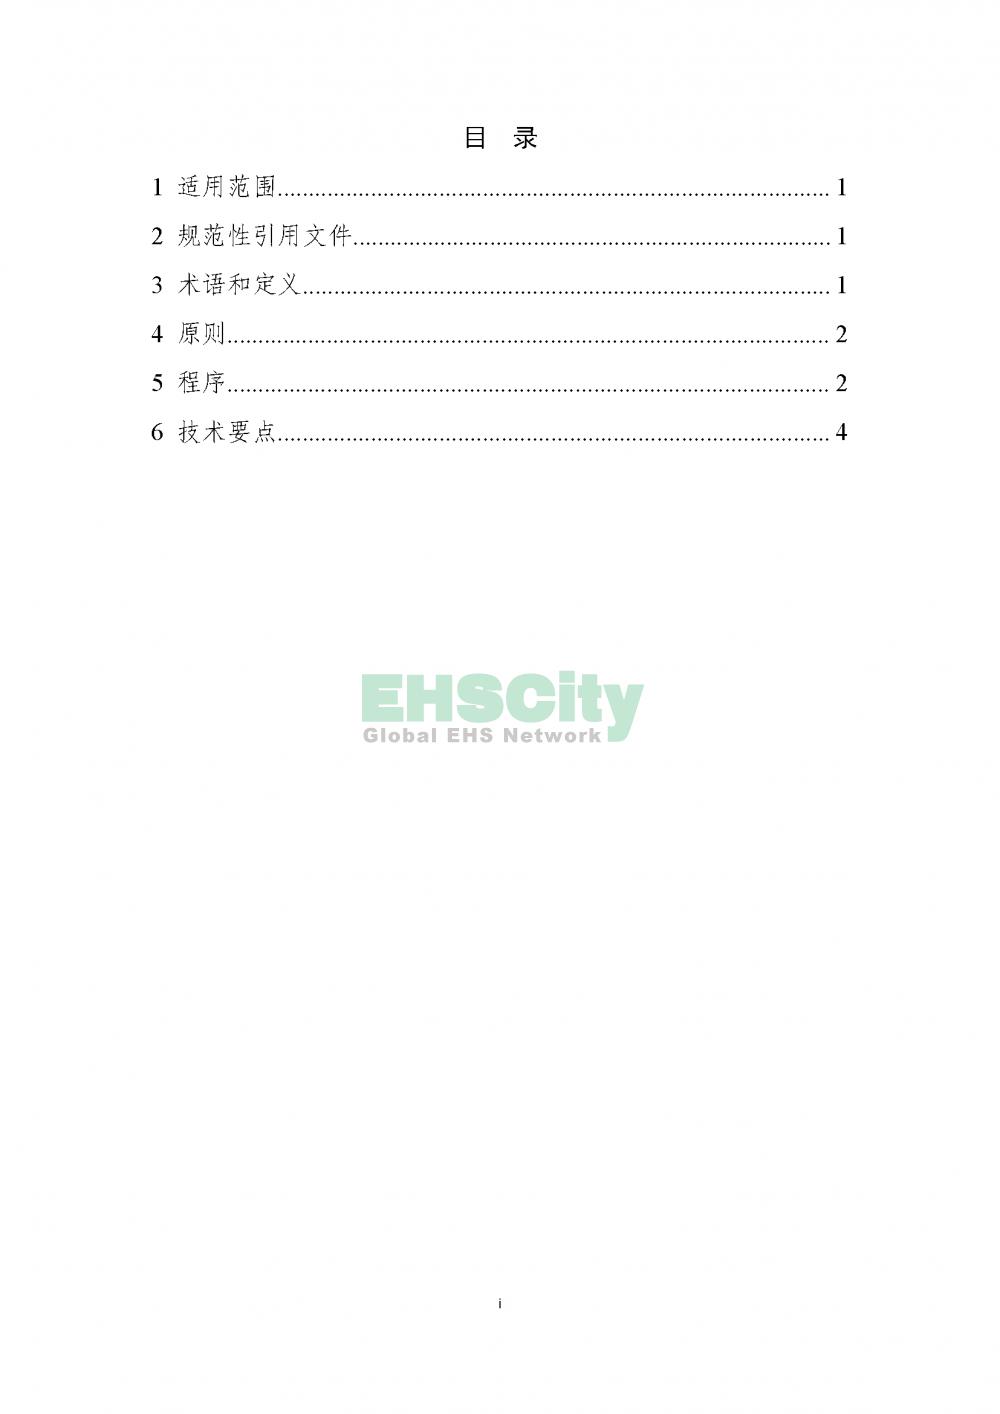 3化学物质环境与健康风险表征技术导则_页面_02